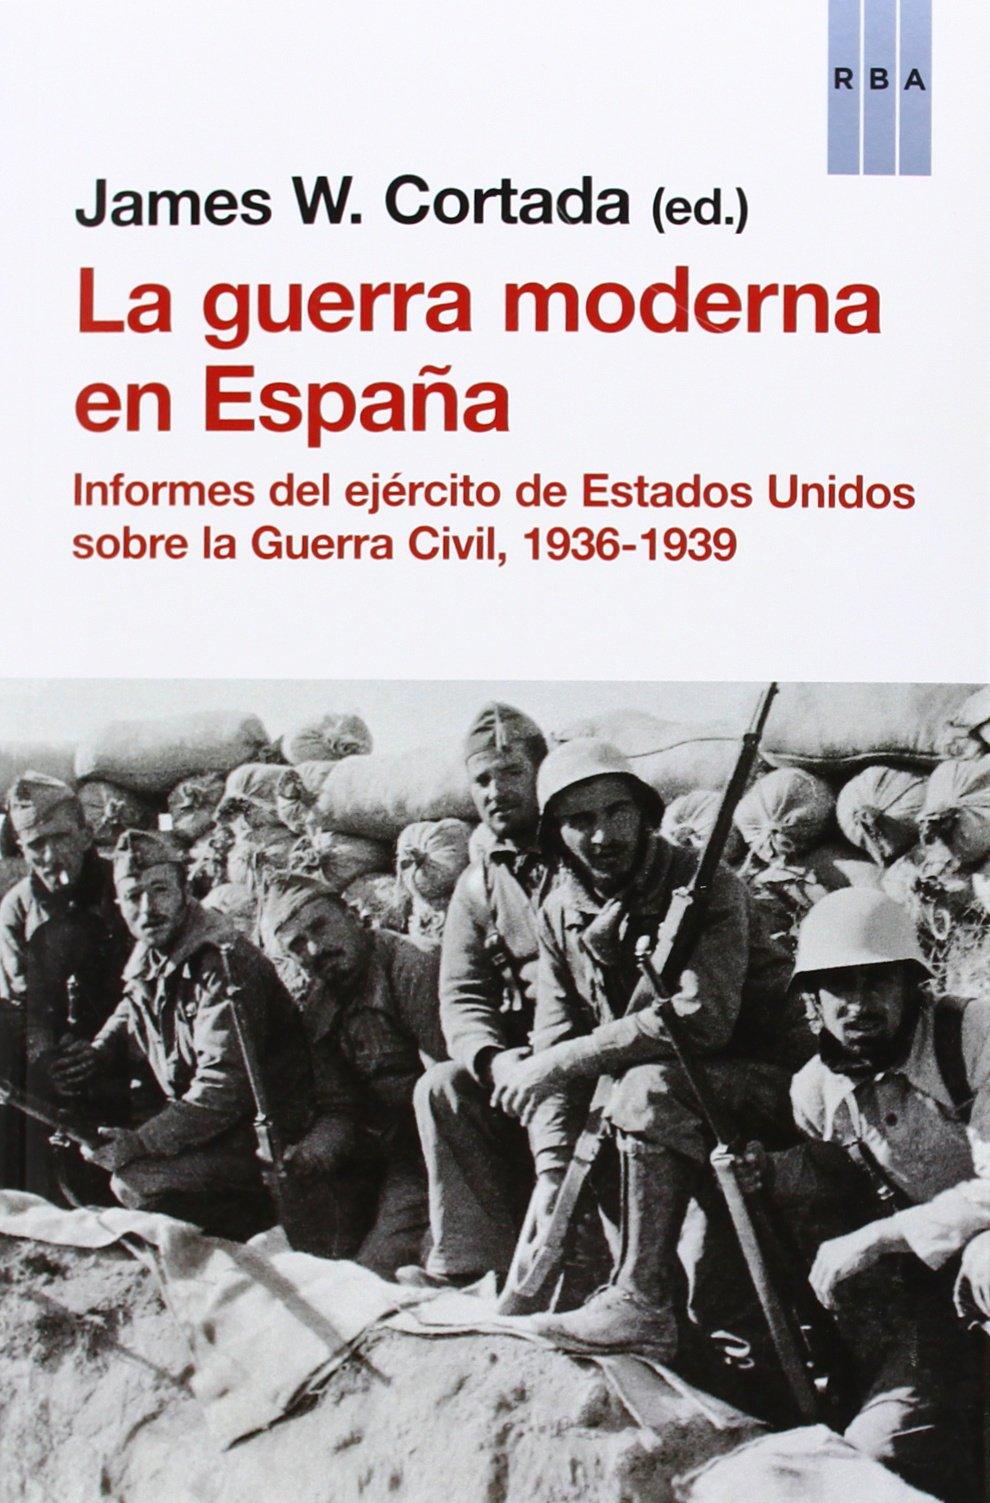 La guerra moderna en España (ENSAYO Y BIOGRAFÍA): Amazon.es: CORTADA, JAMES, Obiols Penelas, Isabel: Libros